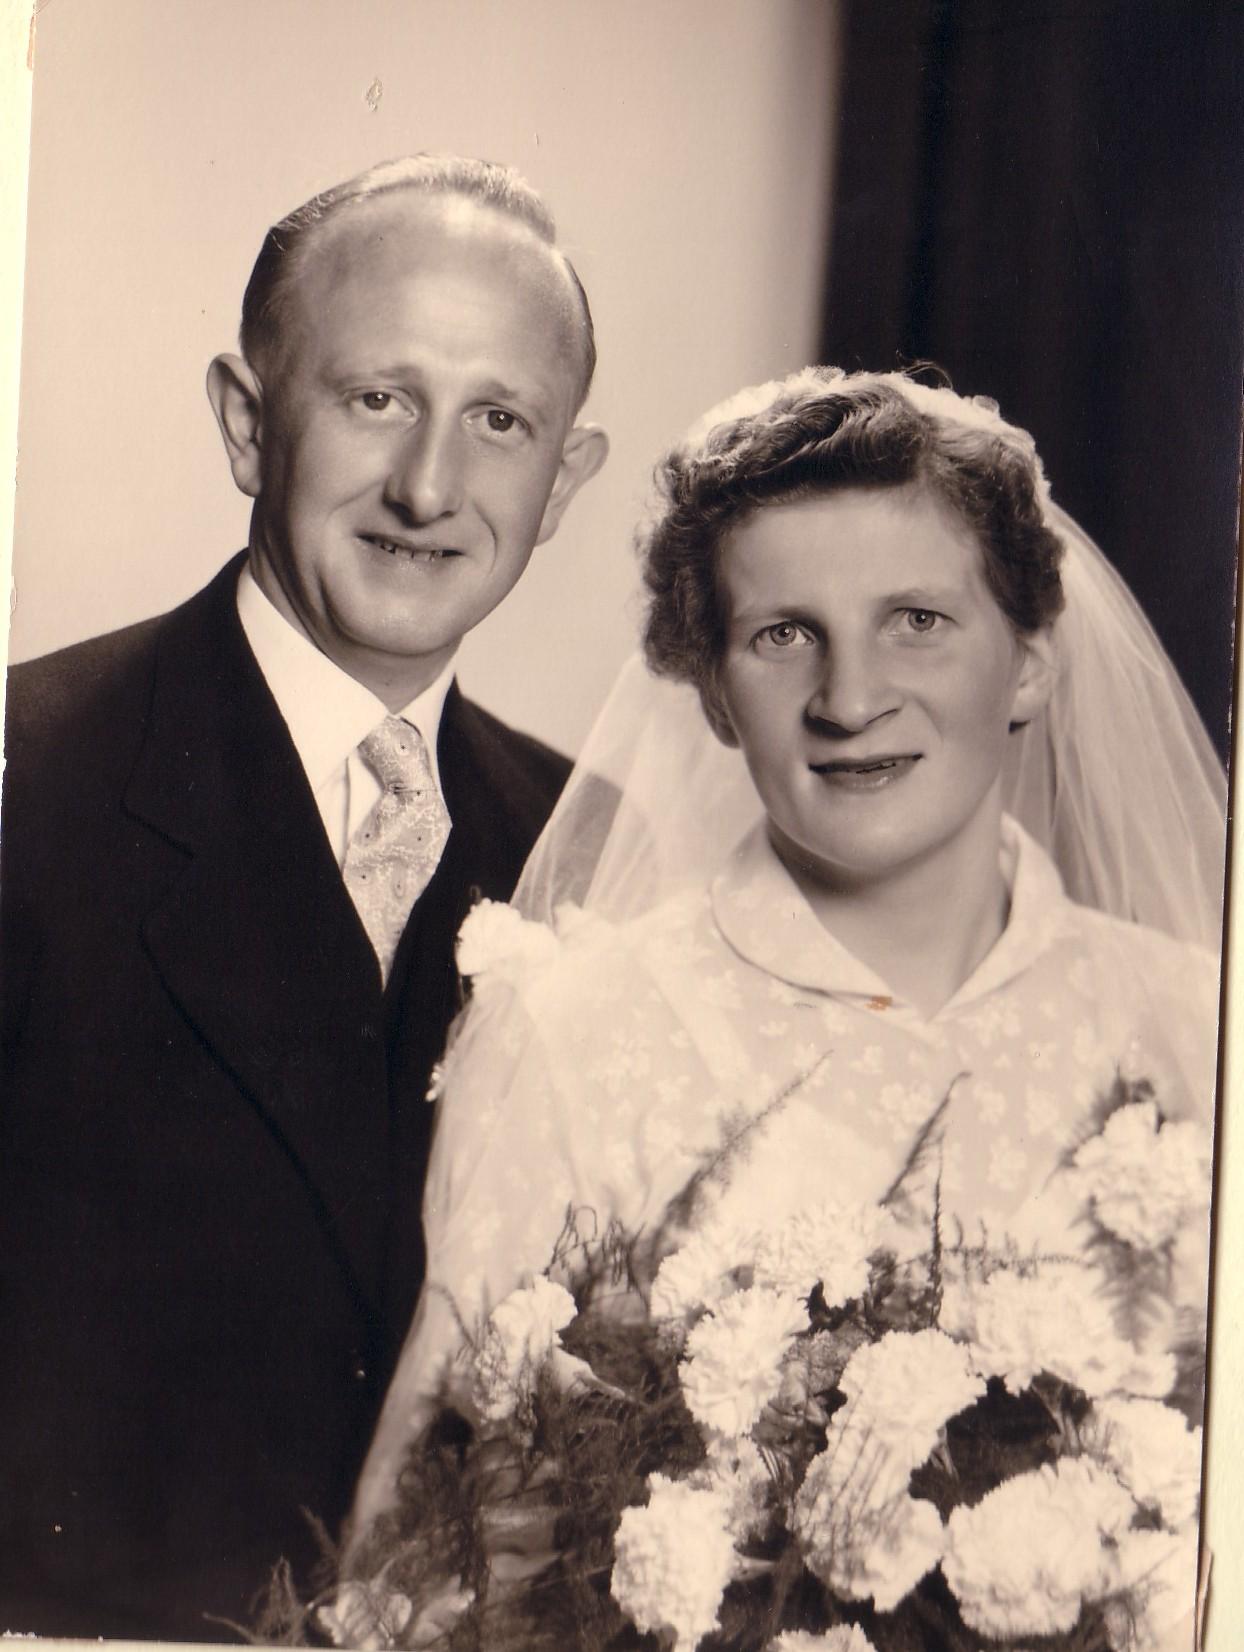 Huwelijk Jacob Boekestijn en Cornelia Keijzer (1956)